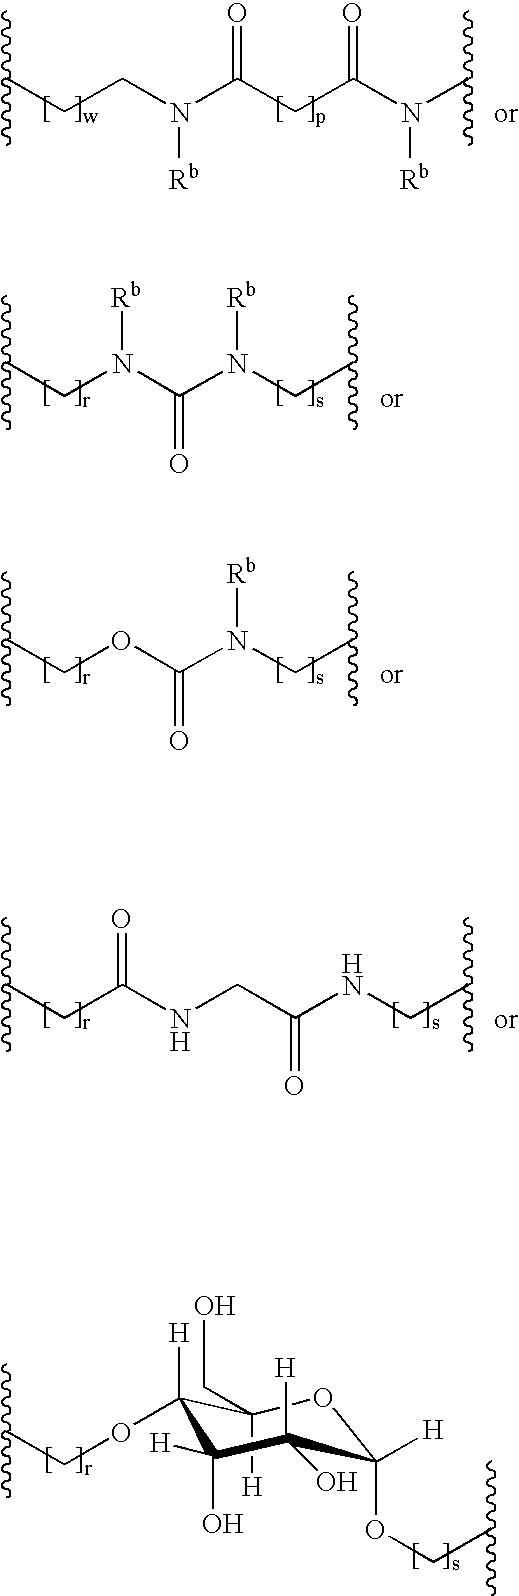 Figure US20080152660A1-20080626-C00028